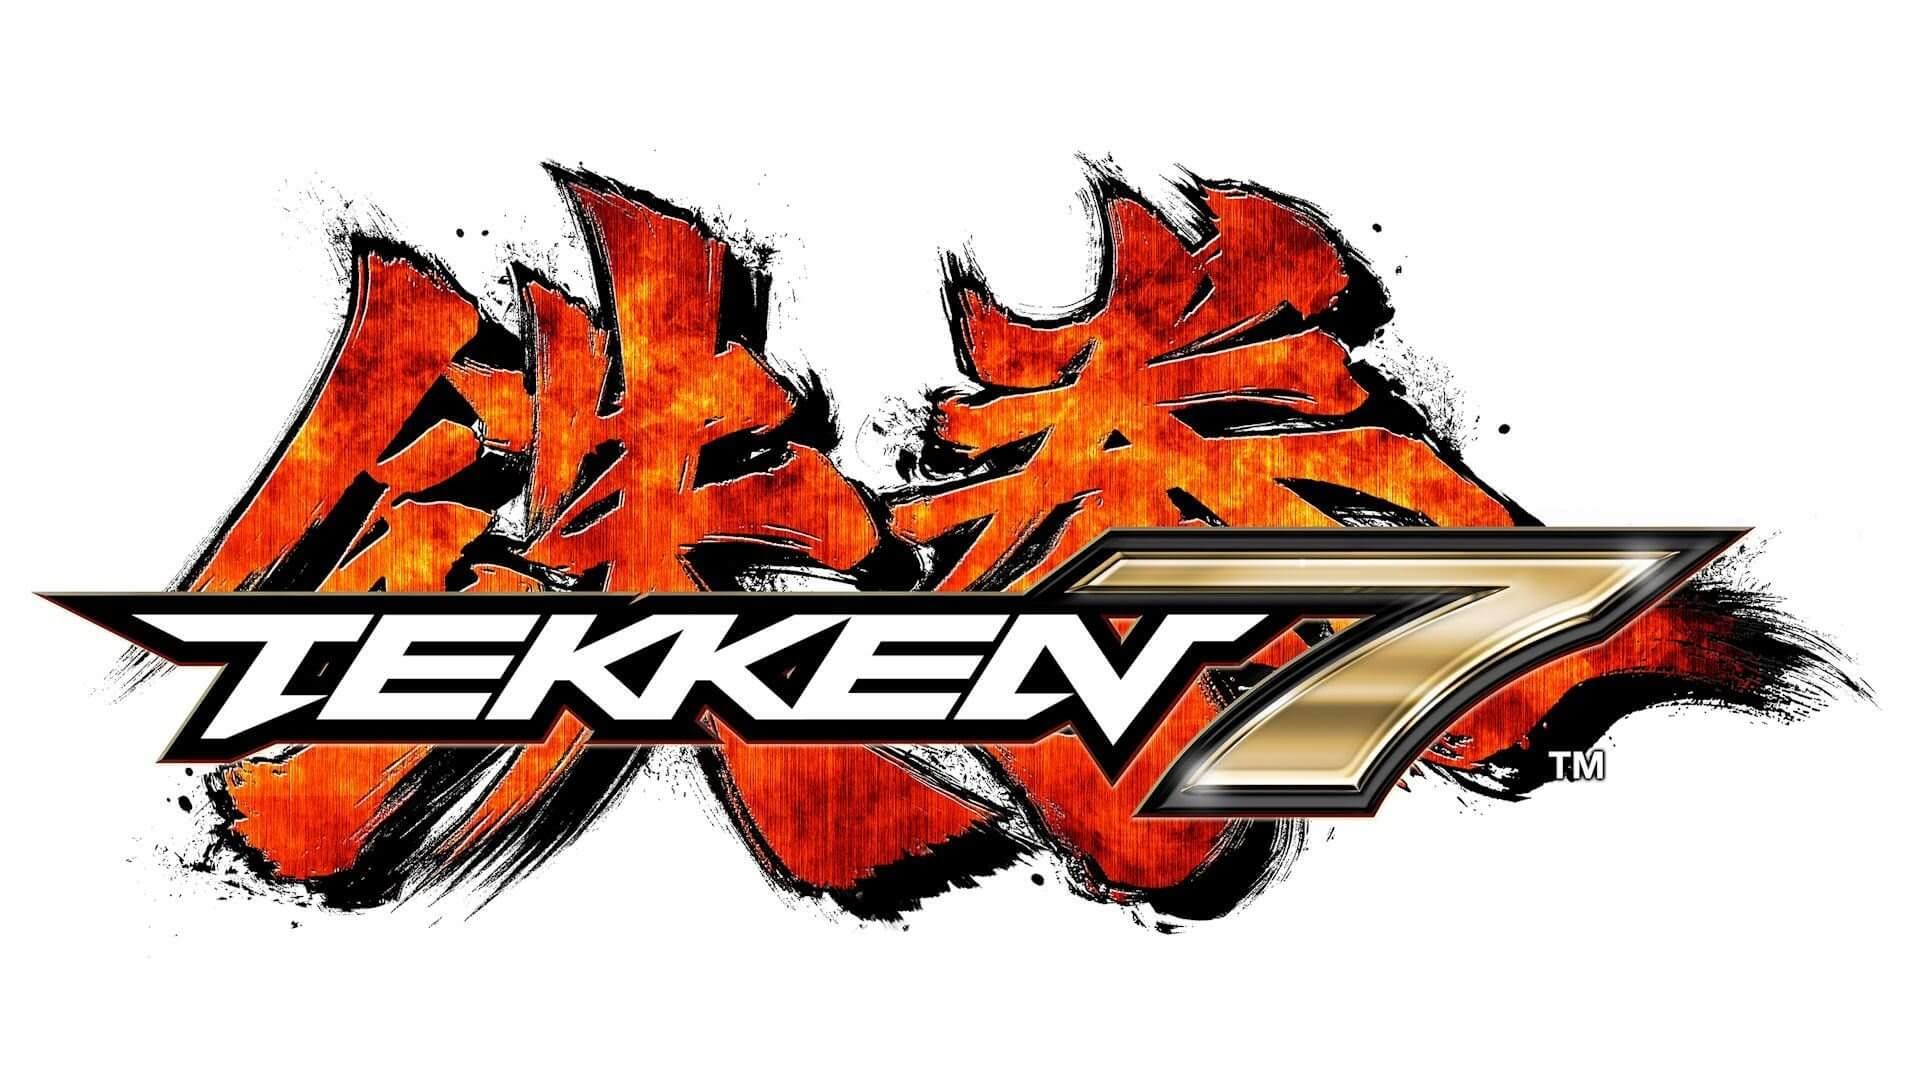 Tekken 7 Season 4 will be announced this weekend